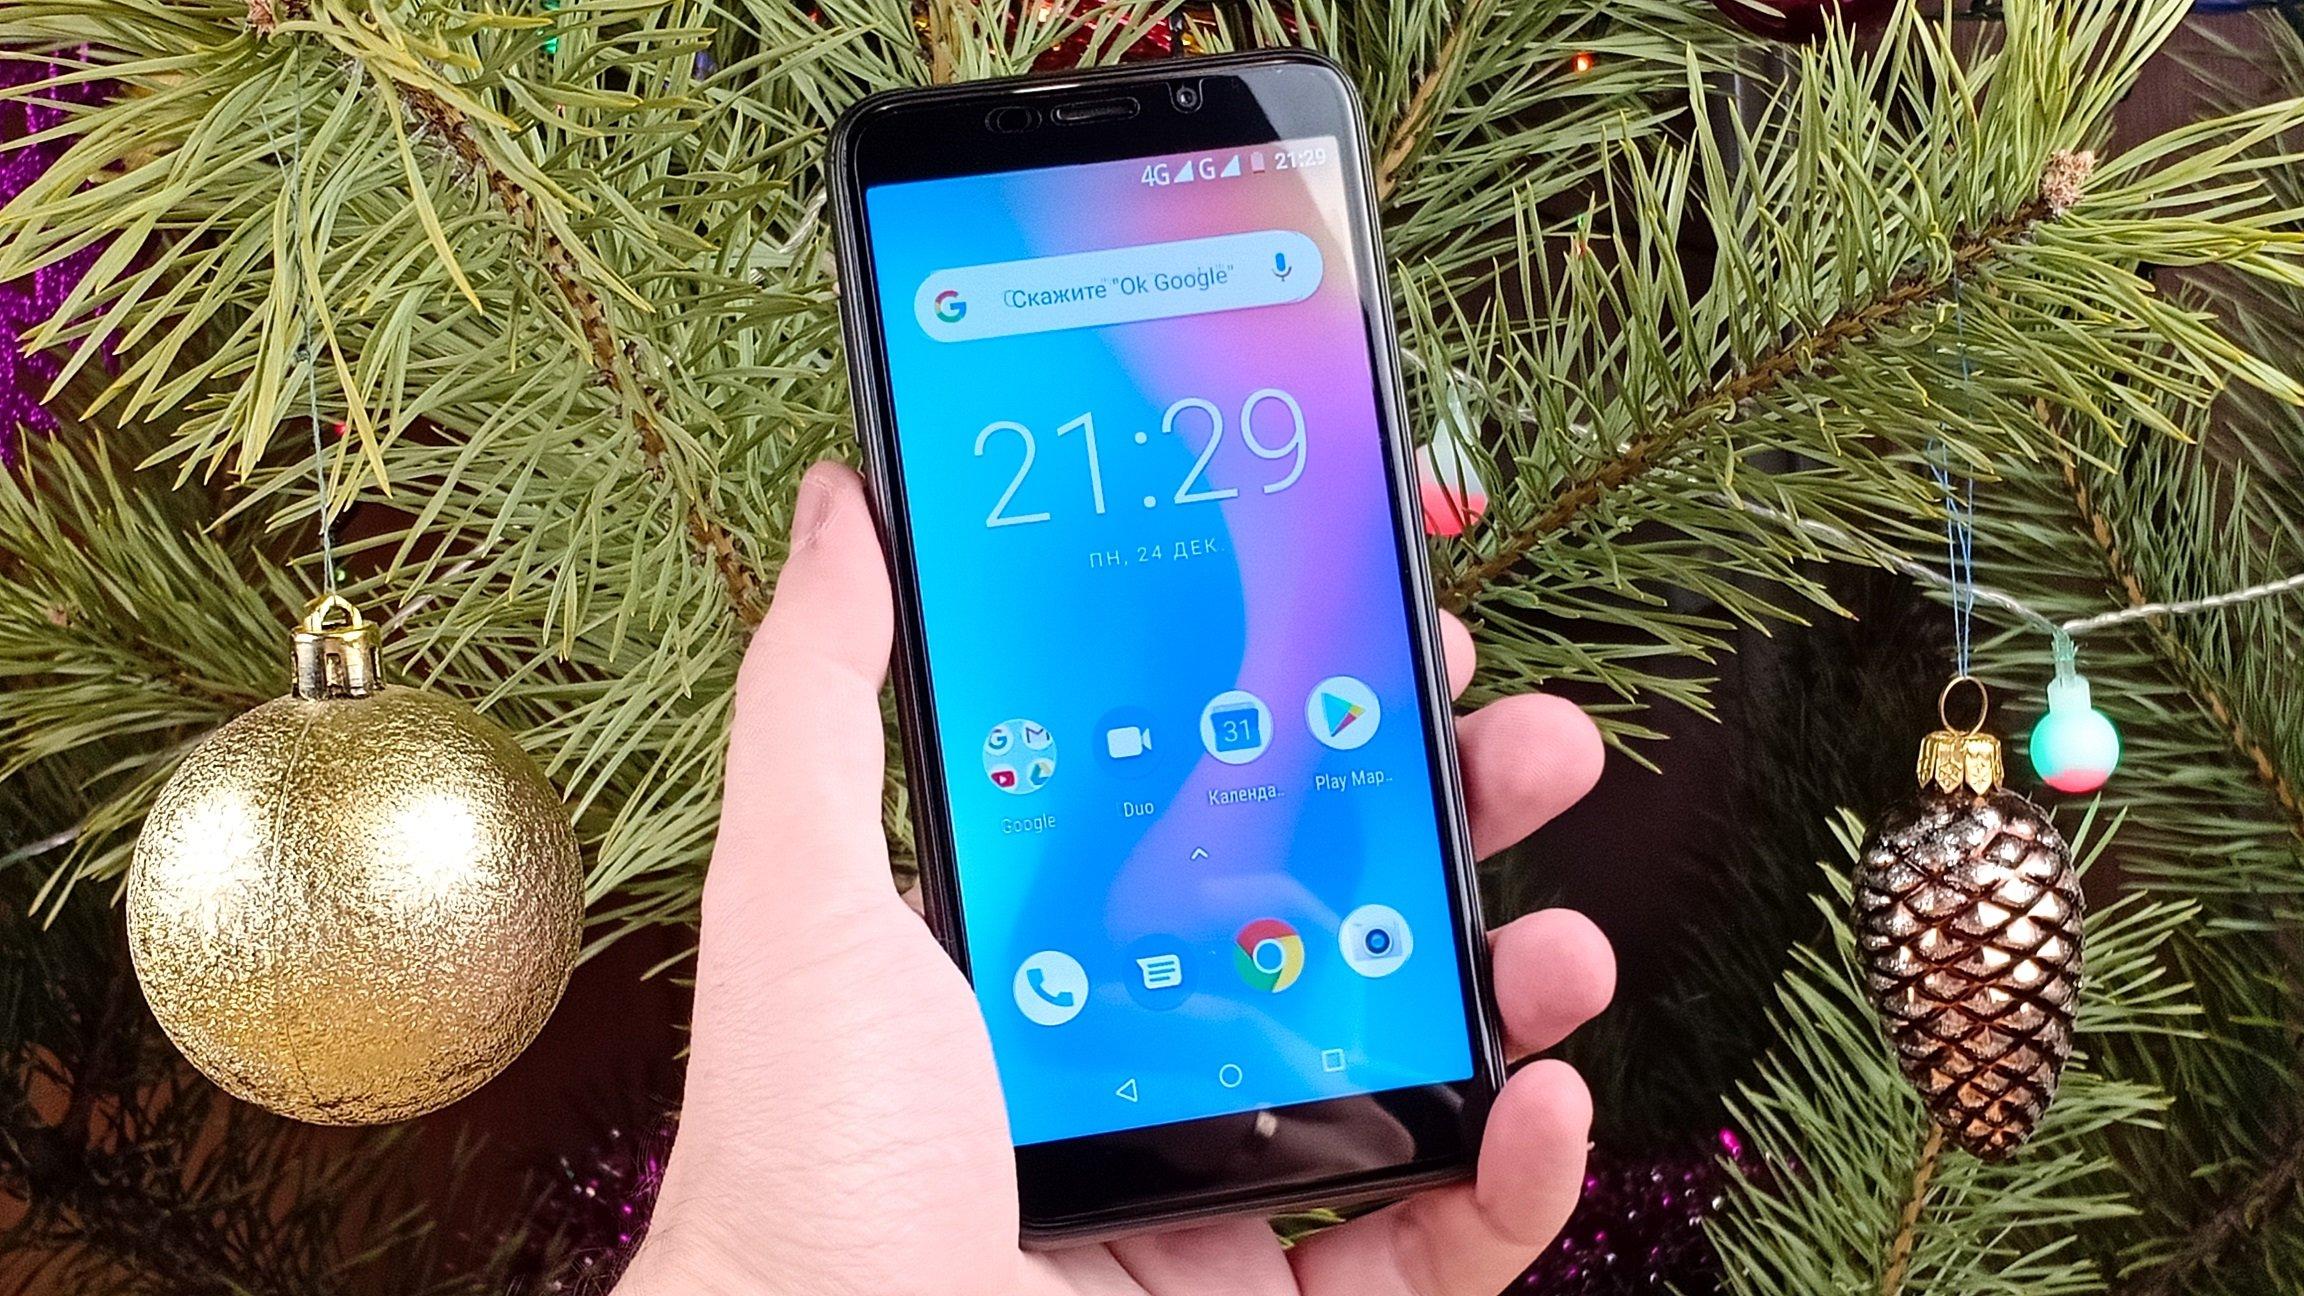 Обзор смартфона Homtom C2: казнить нельзя помиловать